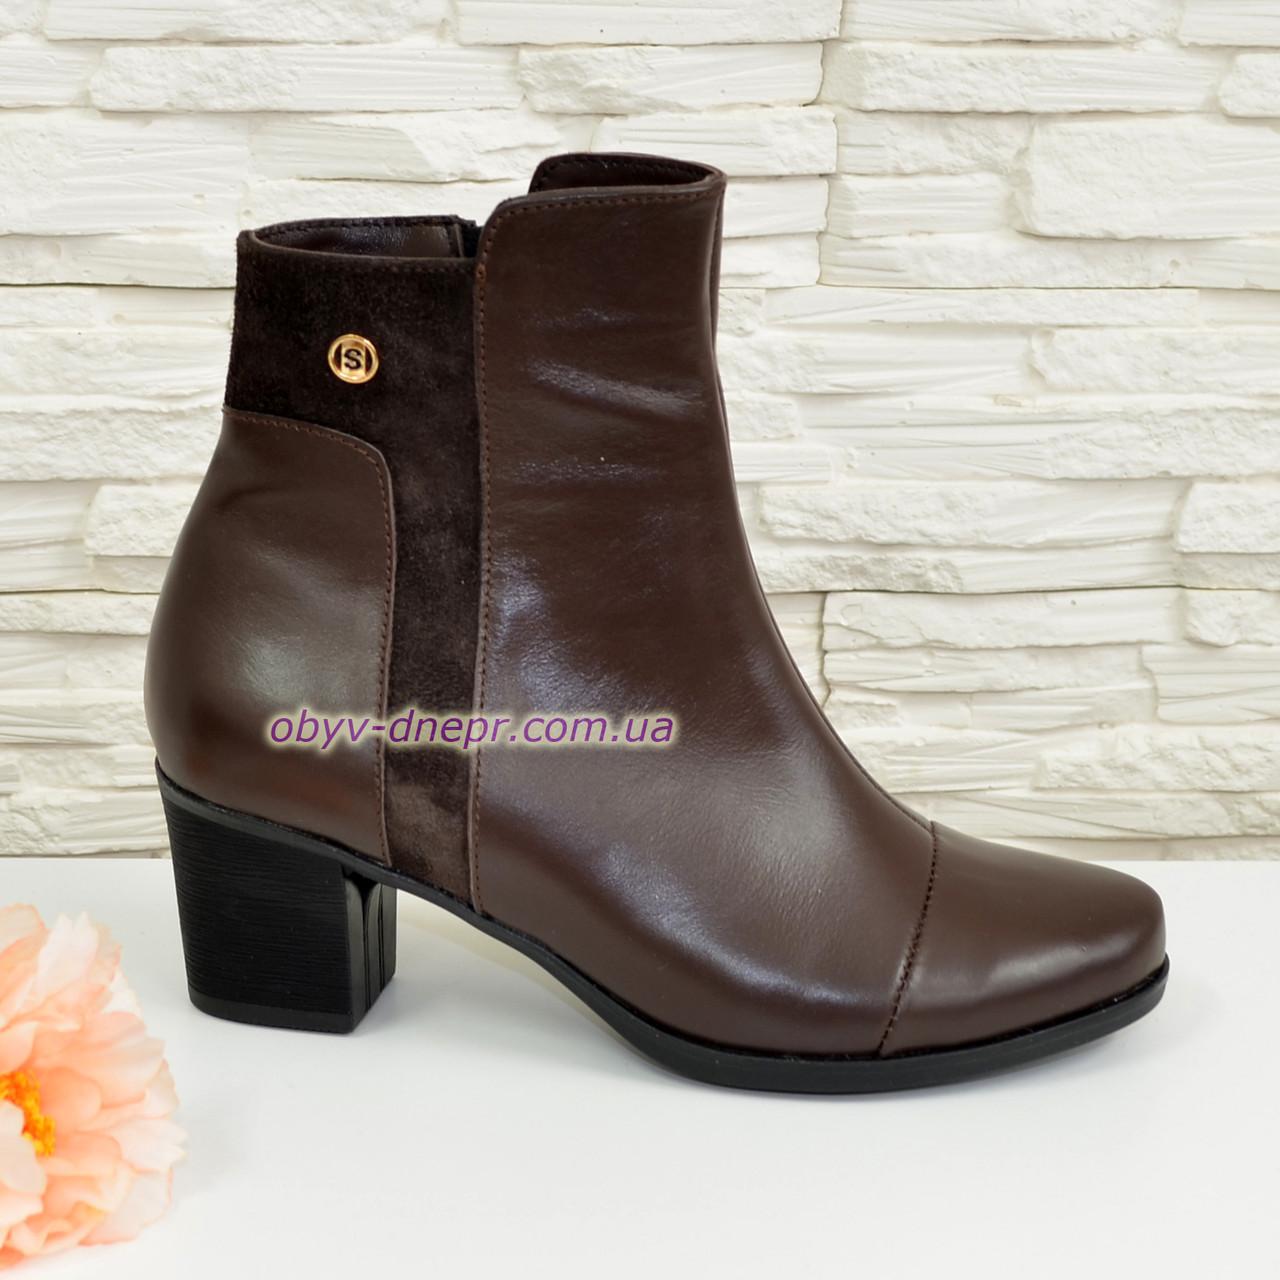 женские кожаные ботинки на невысоком каблуке, цвет коричневый.